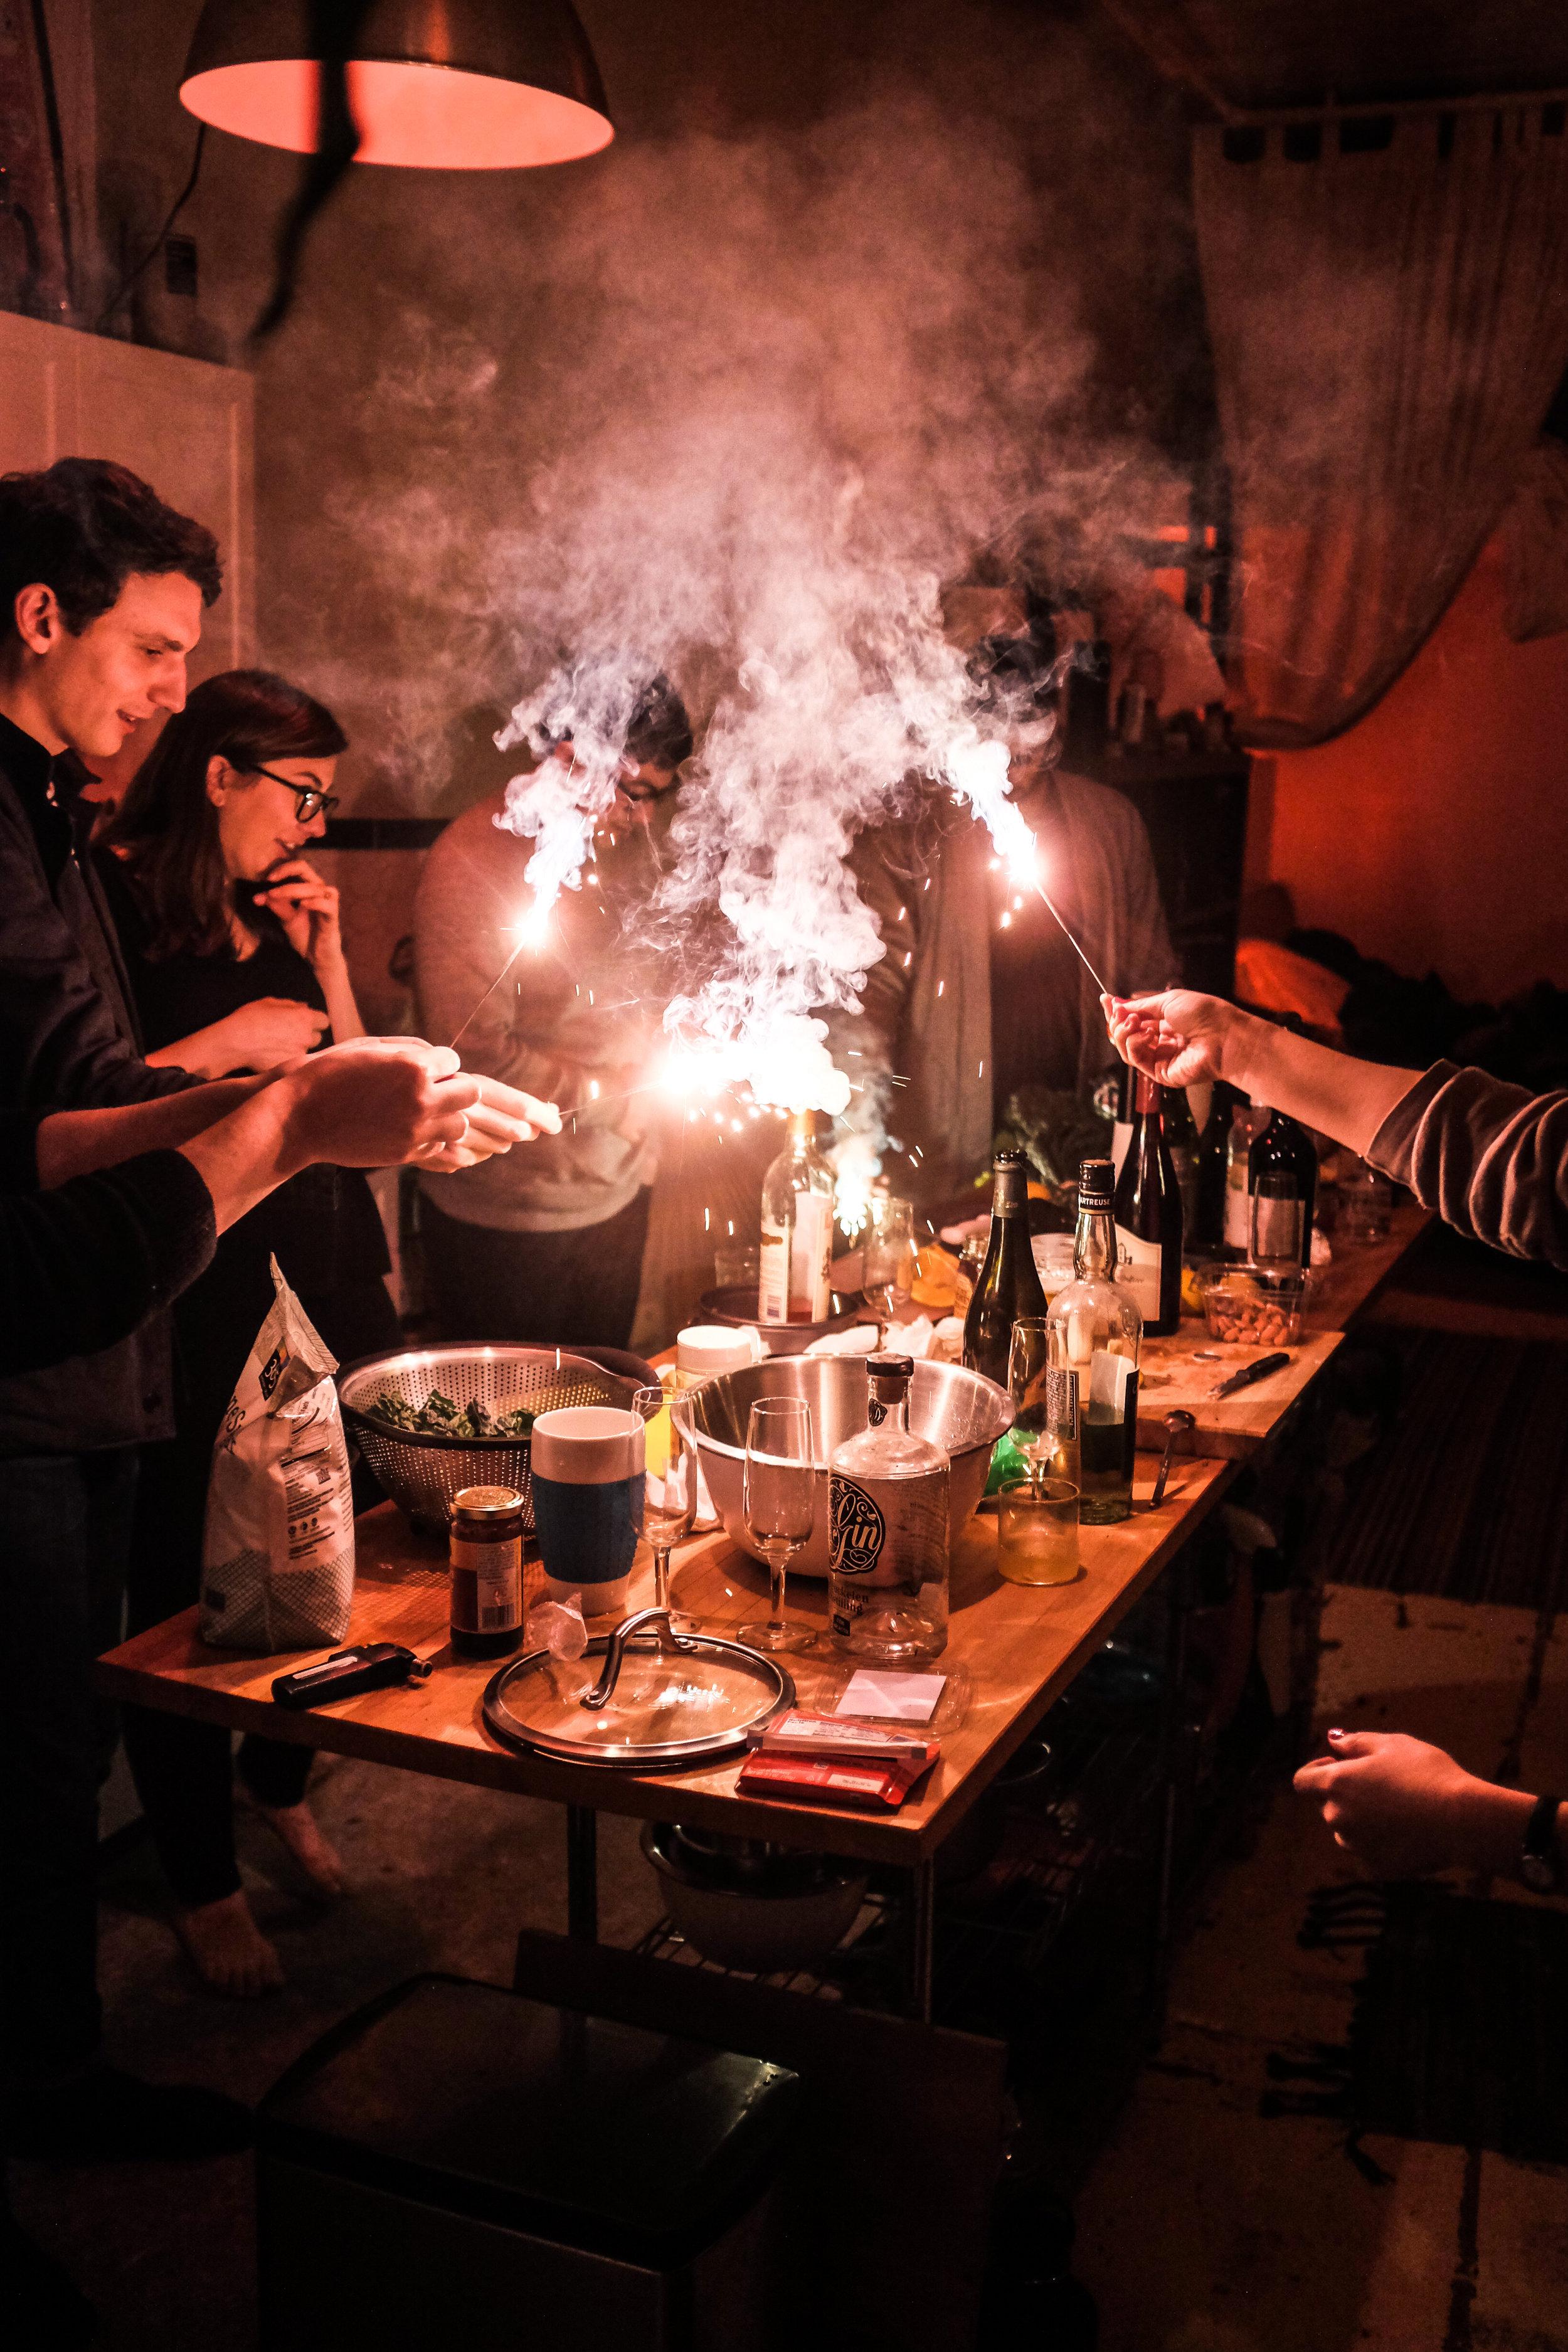 brodo_dinner01_170204_015.jpg